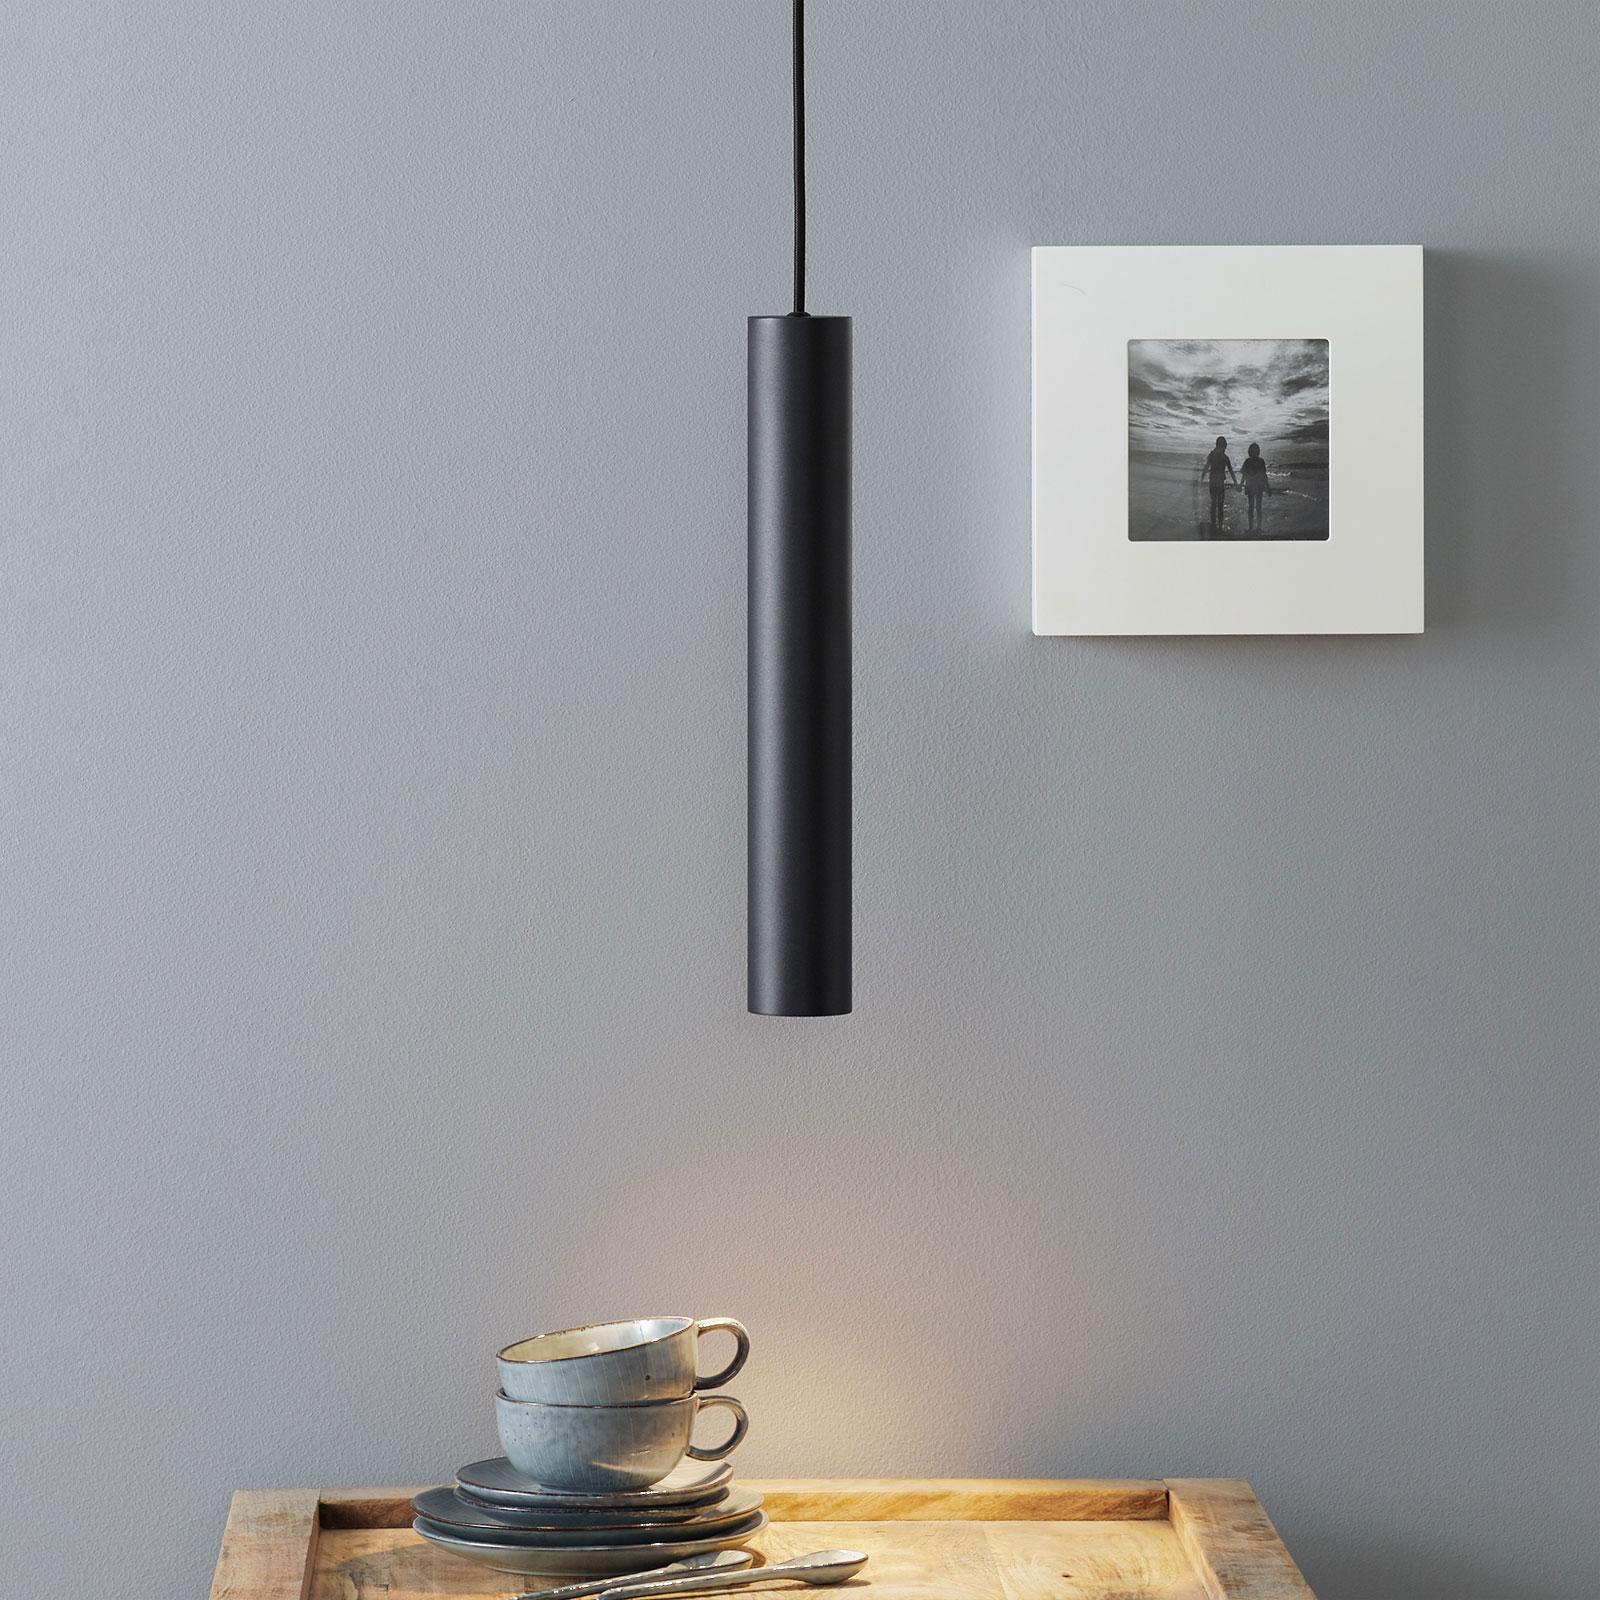 Lámpara colgante LED Look, forma estrecha, negro